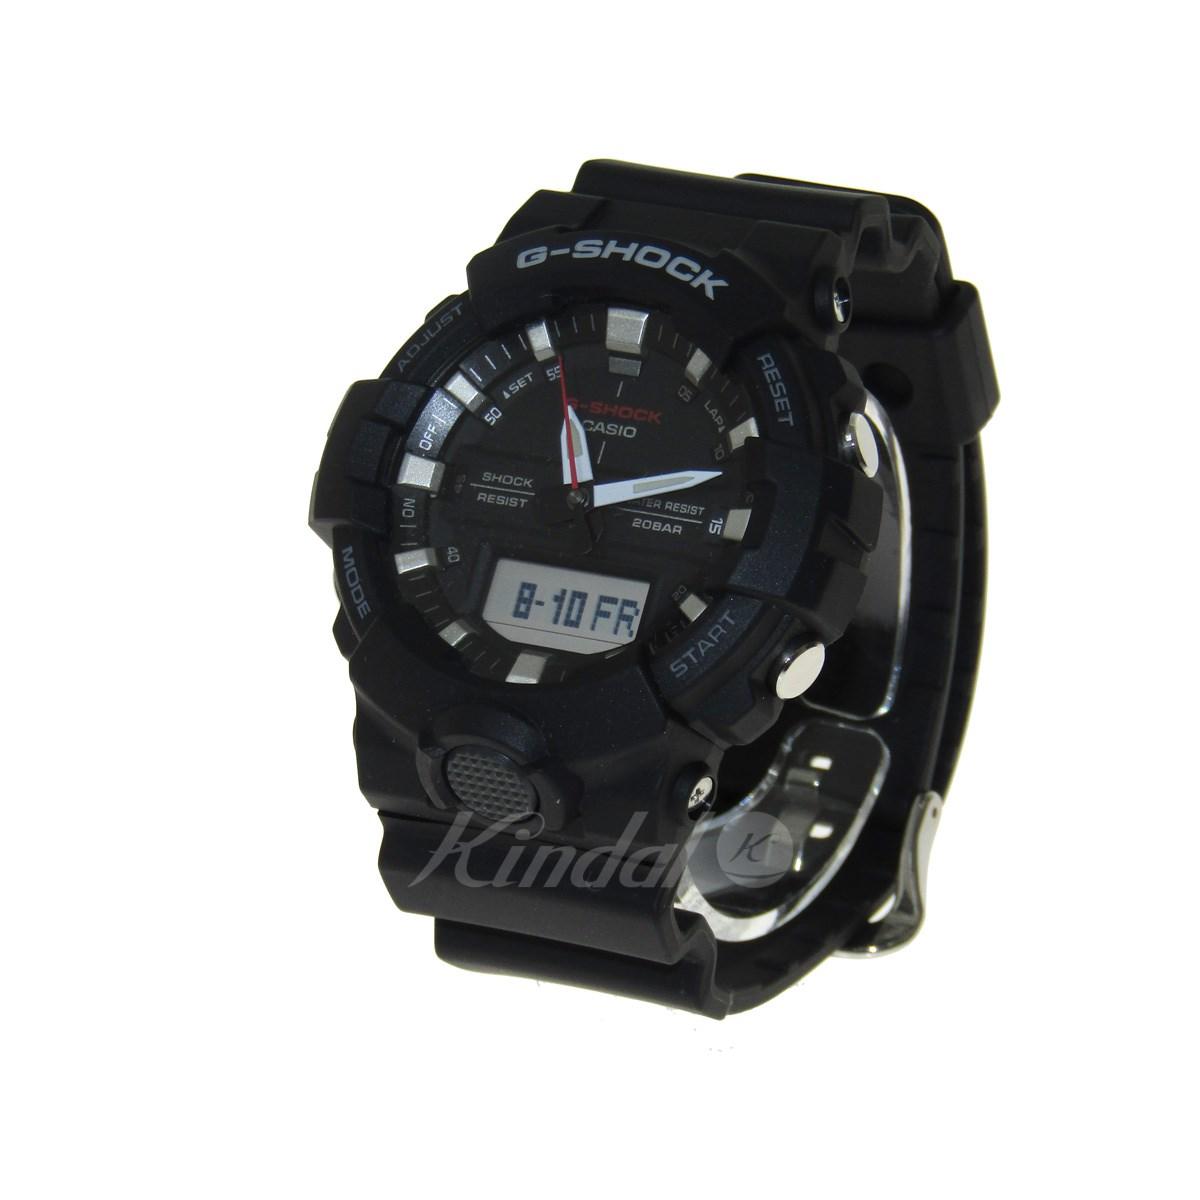 【中古】LUMINOX SERIES 0200 NIGHT VIEW CENTRY ナイトビューセントリー 腕時計 【送料無料】 【022110】 【KIND1550】